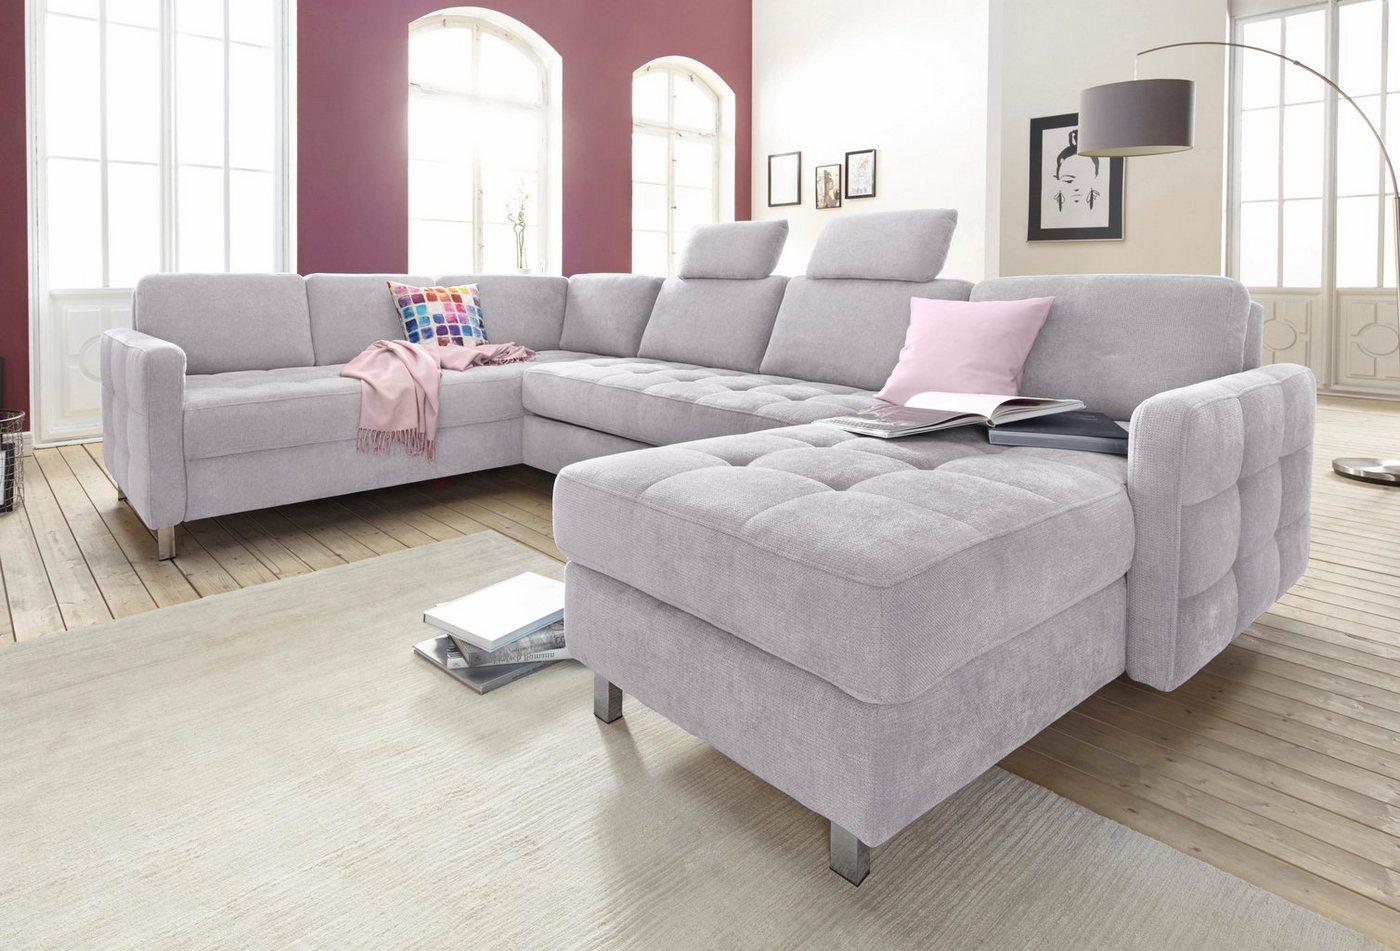 sit&more Wohnlandschaft, wahlweise mit Bettfunktion und Bettkasten   Wohnzimmer > Sofas & Couches > Wohnlandschaften   sit&more